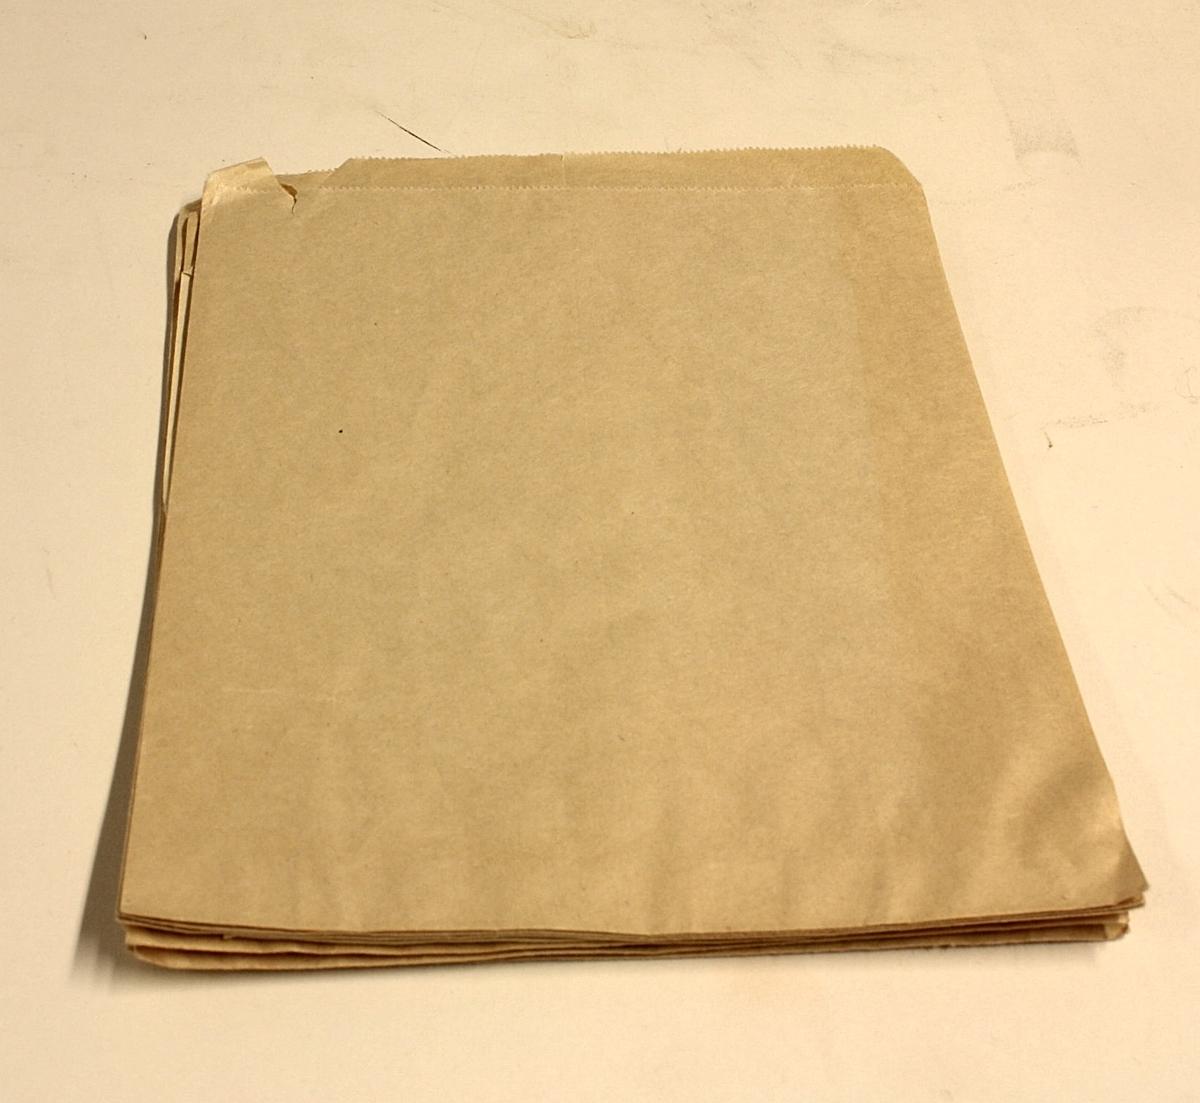 7 stykk rektangulære poser i glatt, brunt papir. Gjerne brukt i forbindelse med salg av søtsaker ol.